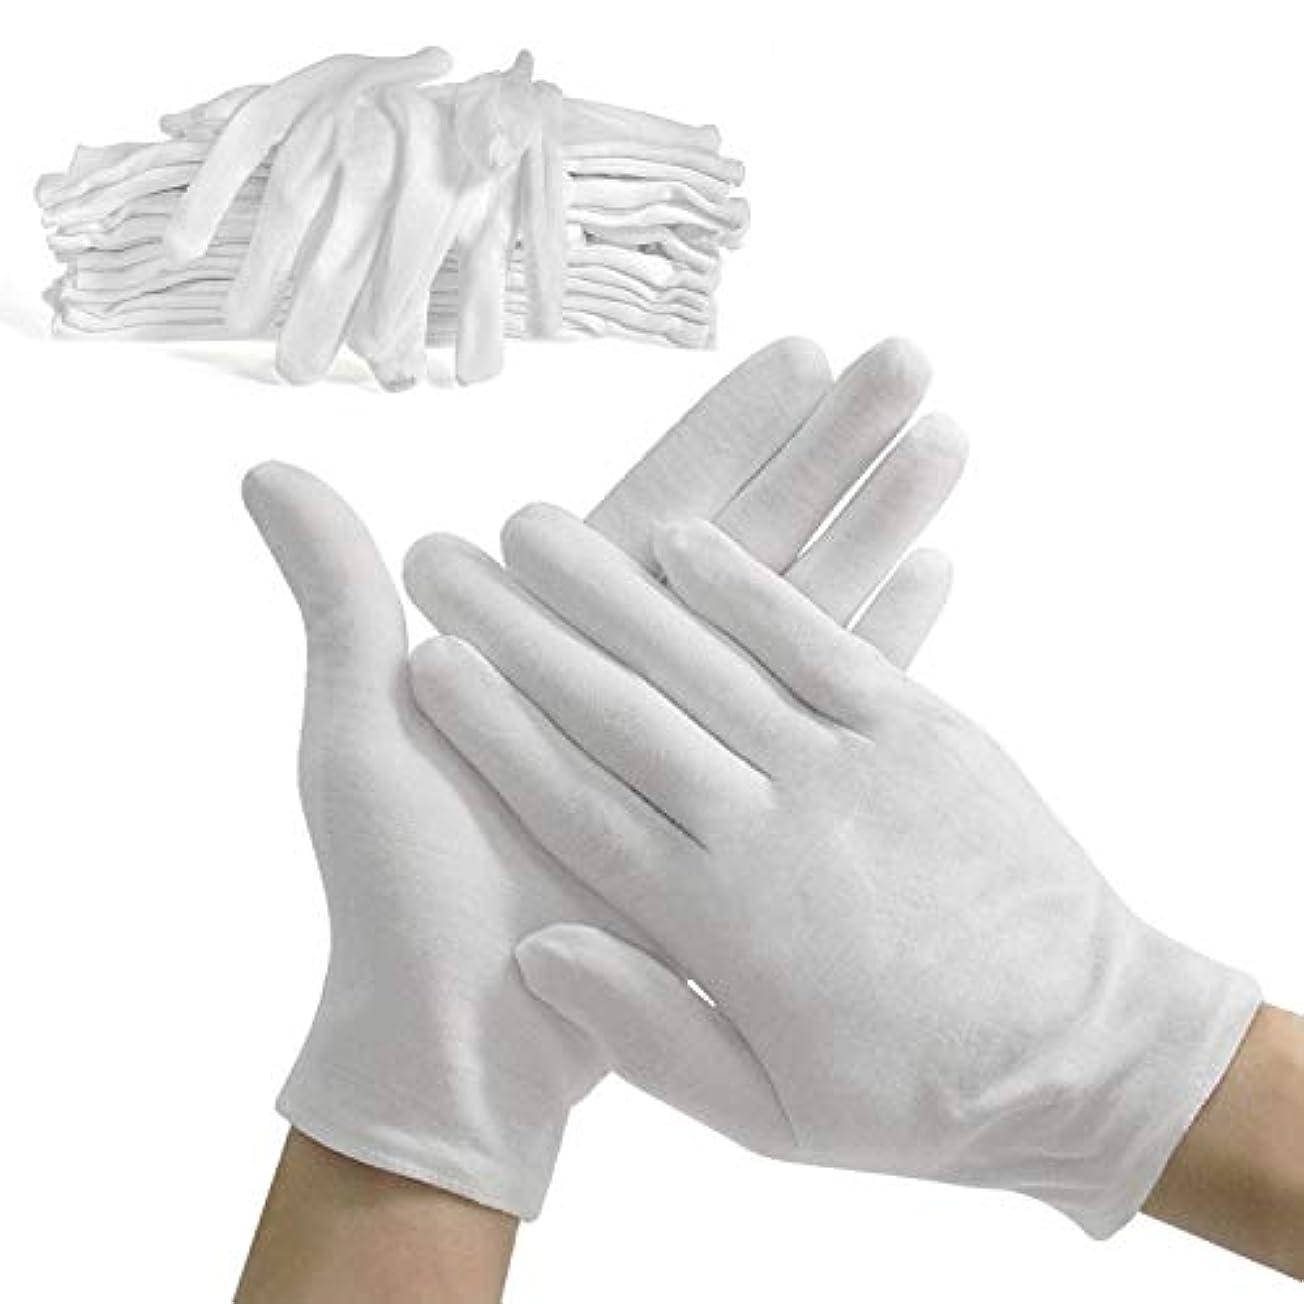 カフェテリア取り扱い神社使い捨て 手袋 コットン手袋 綿手袋 手荒れ 純綿100% 使い捨て 白手袋 薄手 お休み 湿疹 乾燥肌 保湿 礼装用 メンズ 手袋 レディース (M,梱包数量100組(200)) (M,梱包数量100組(200))